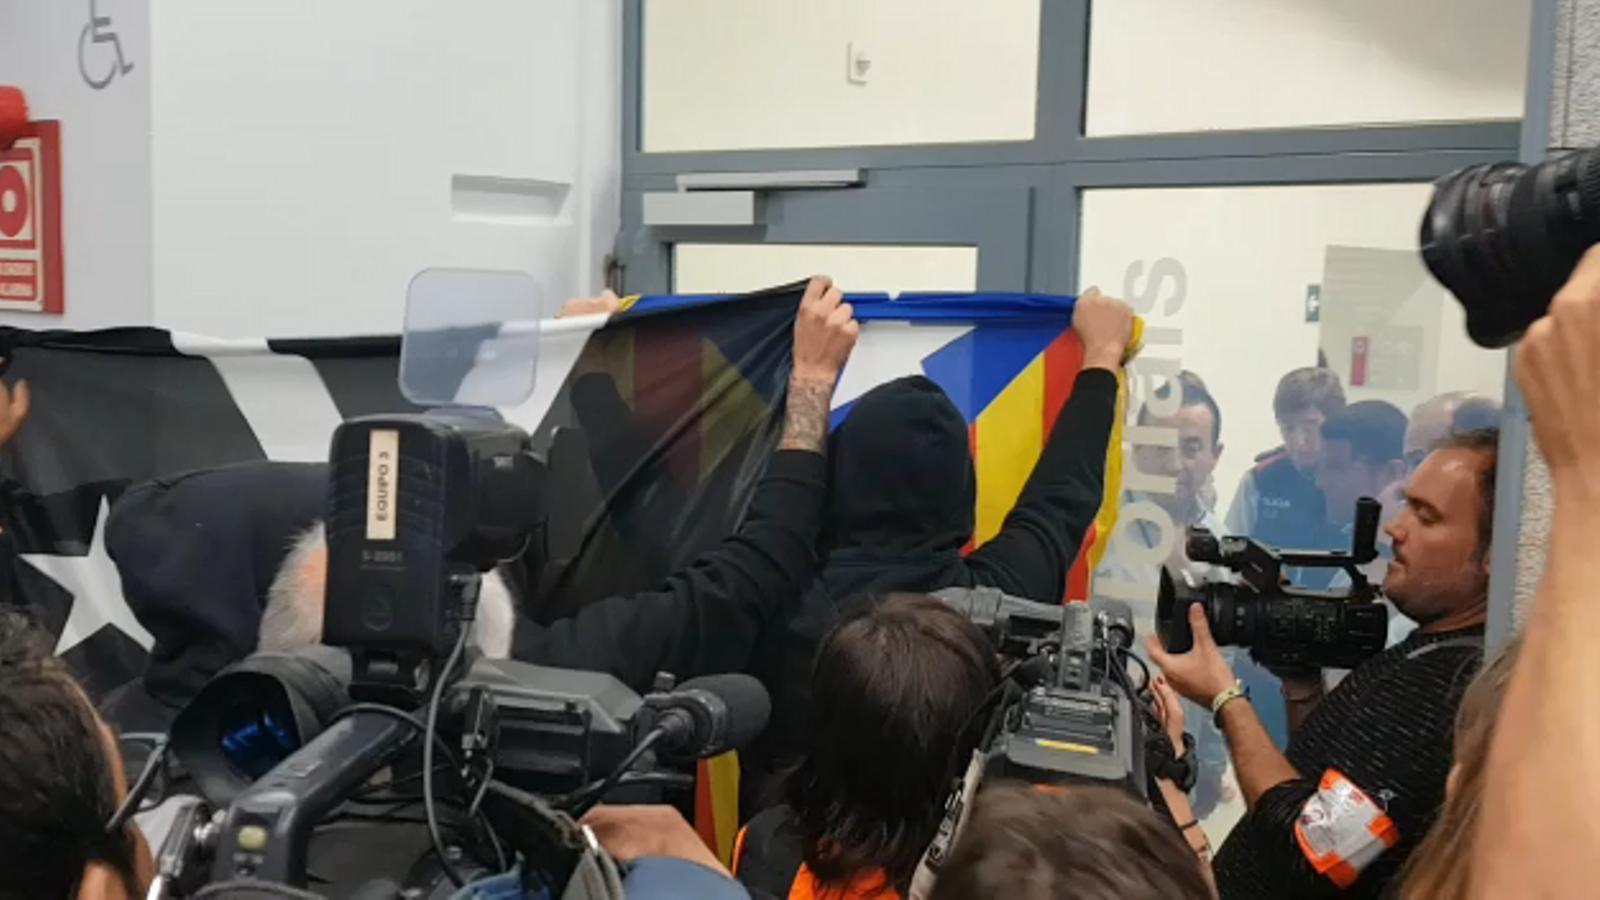 El personal de seguretat frena els CDR a Girona